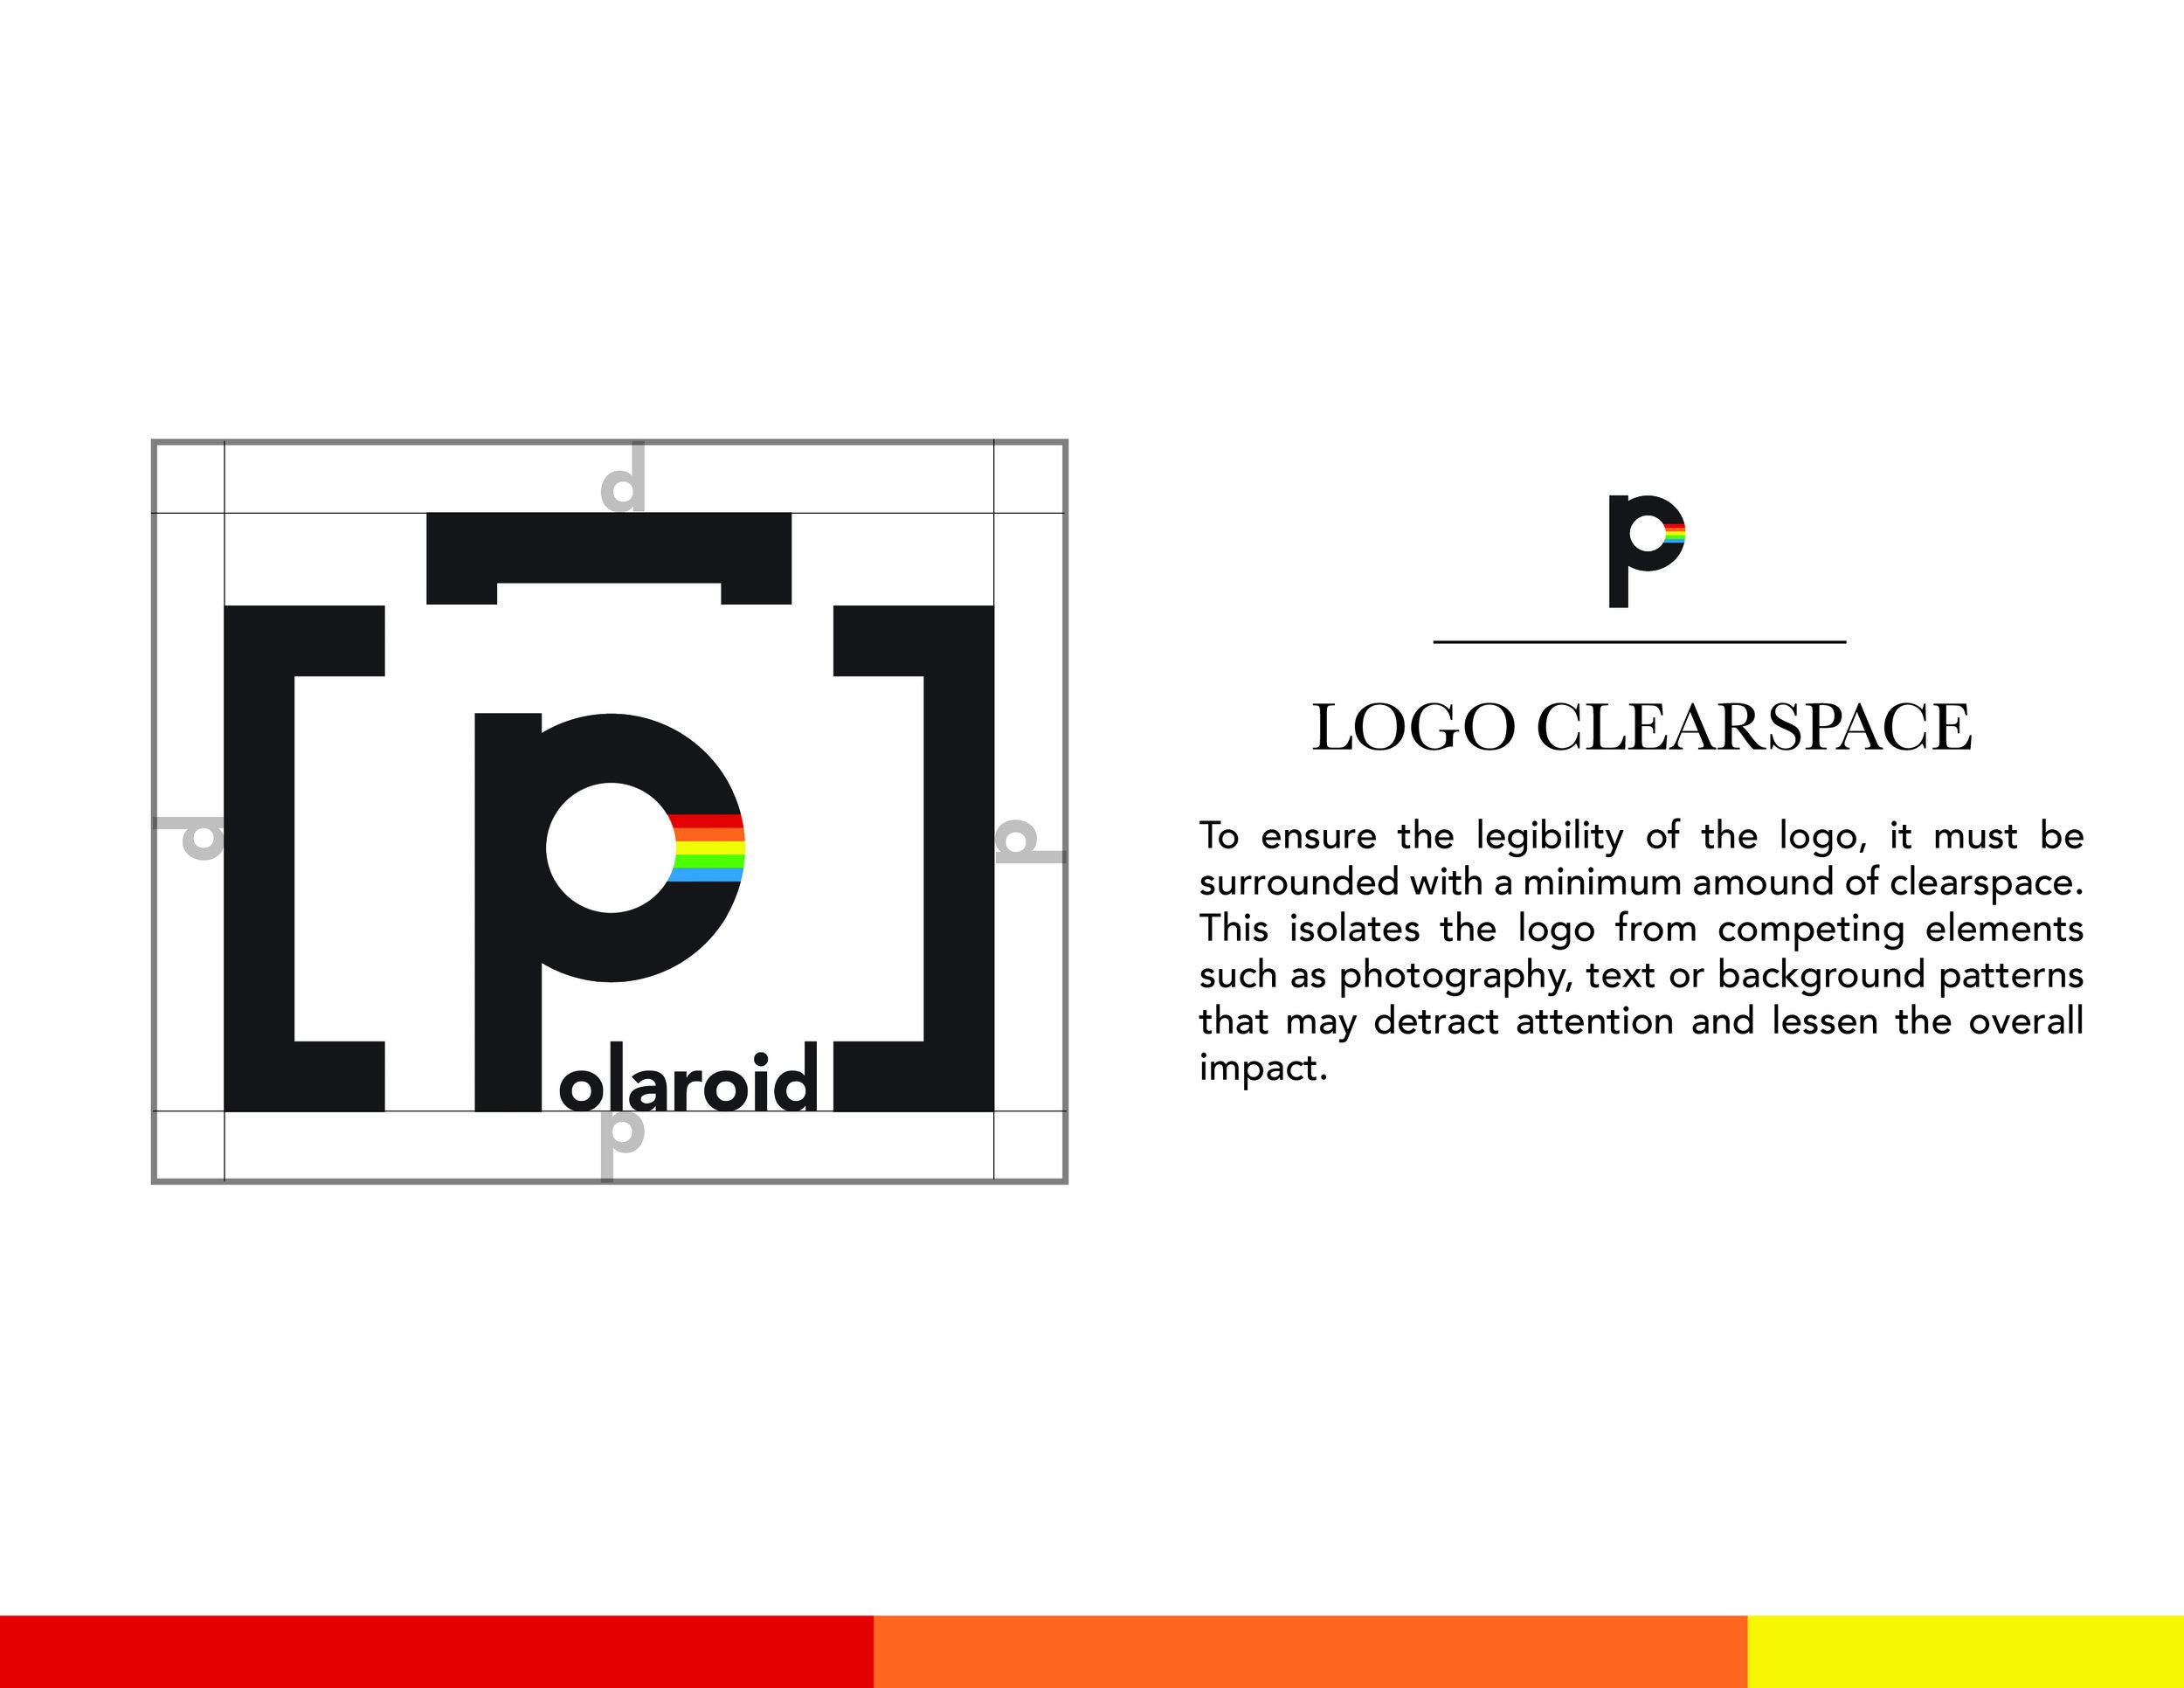 Polaroid Brand Guide 18.jpg